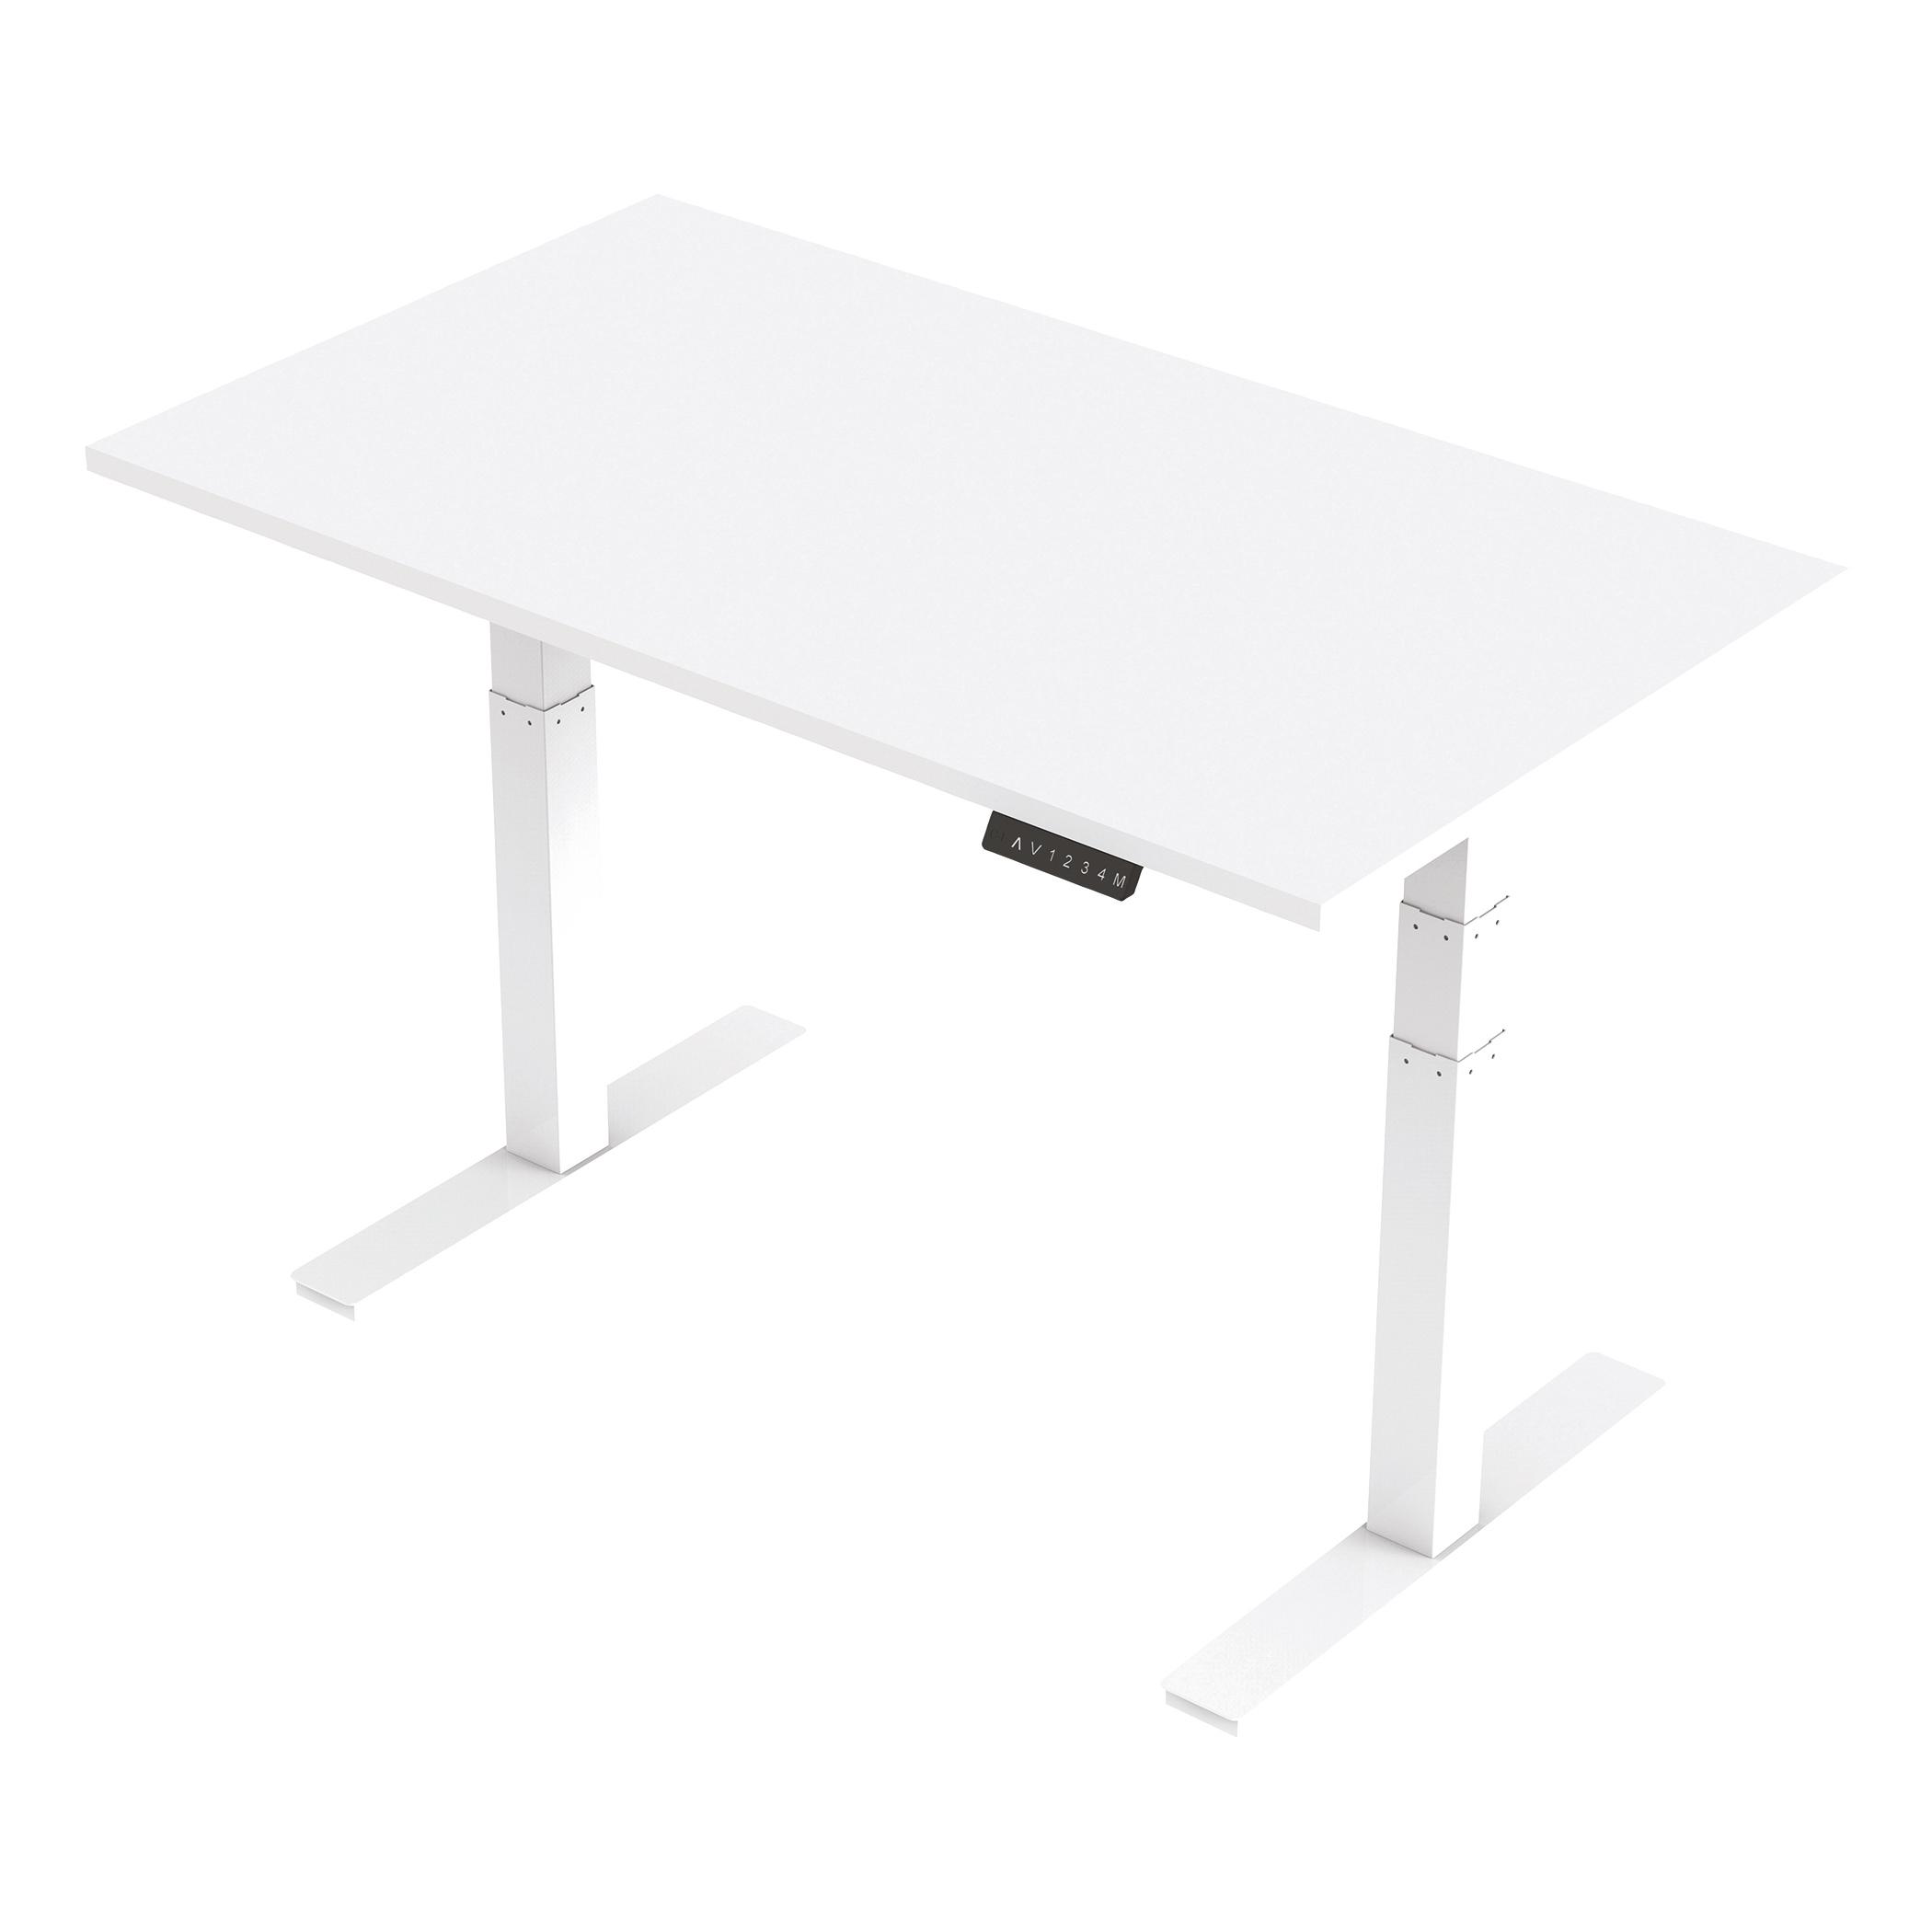 Trexus Sit Stand Desk Height-adjustable White Leg Frame 1400/800mm White Ref HA01030